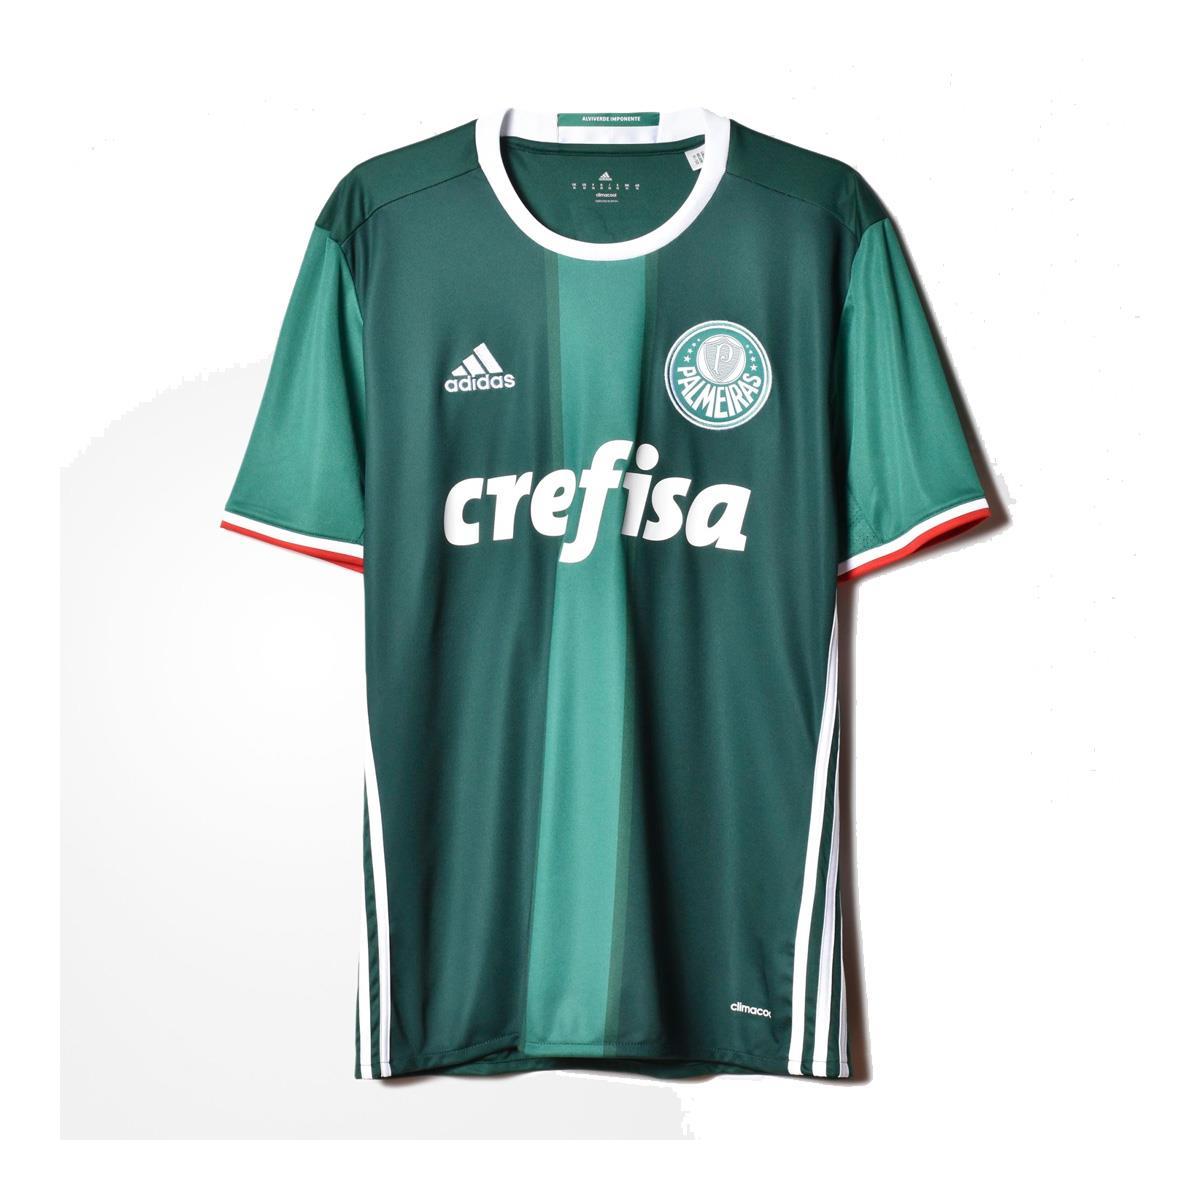 ac4b8e2ff3877 Camisa Adidas Palmeiras I 2016 Torcedor Masculino